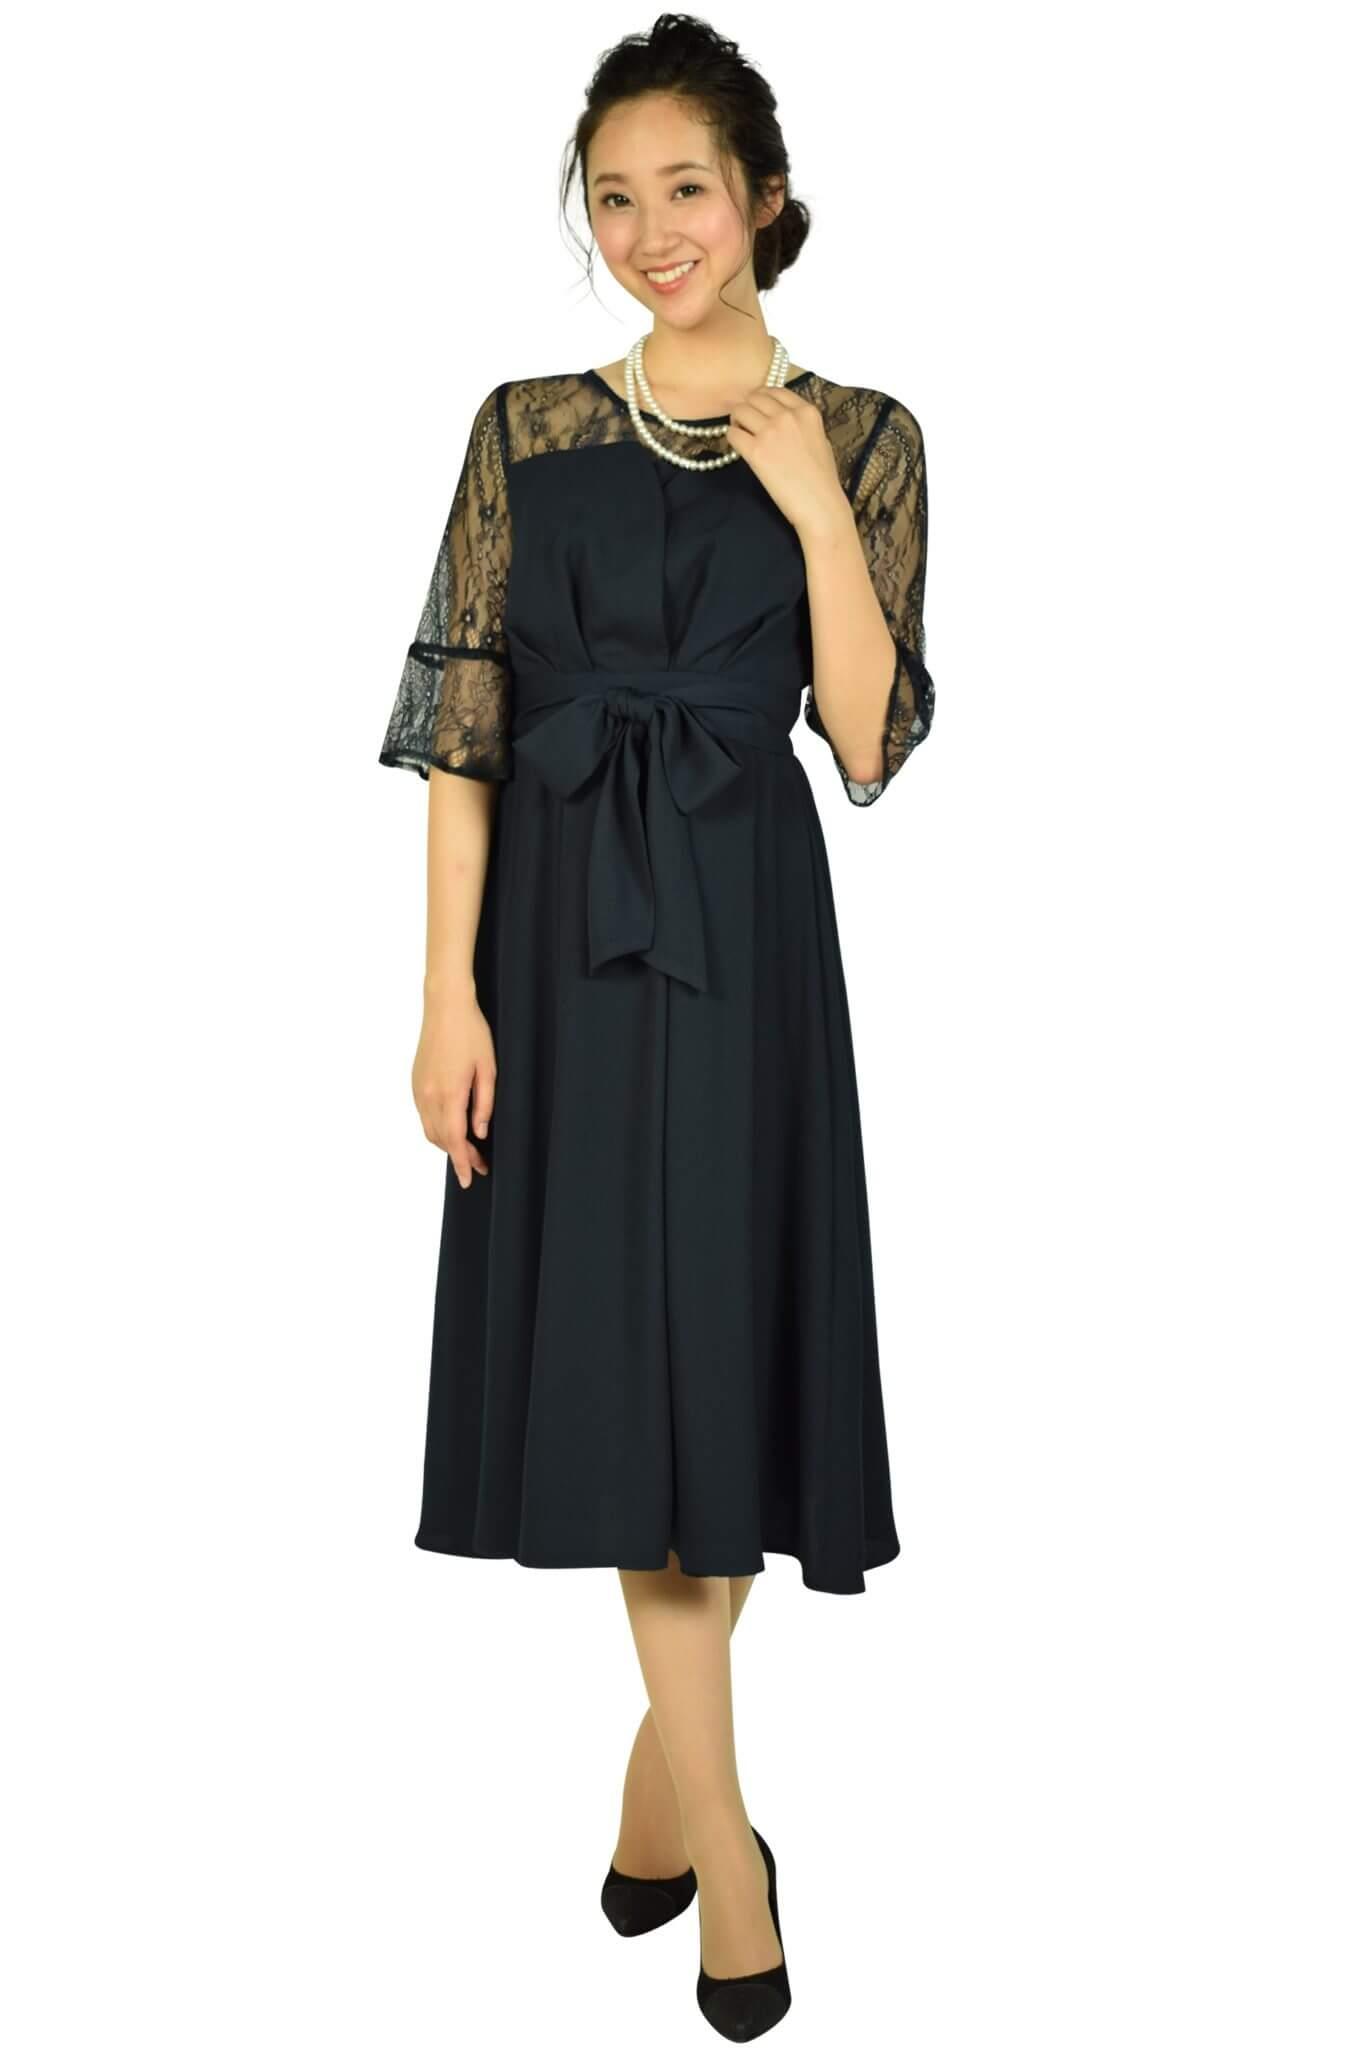 ビヲミナ (VIWOMINA)上品6分袖レースミディ丈ネイビードレス